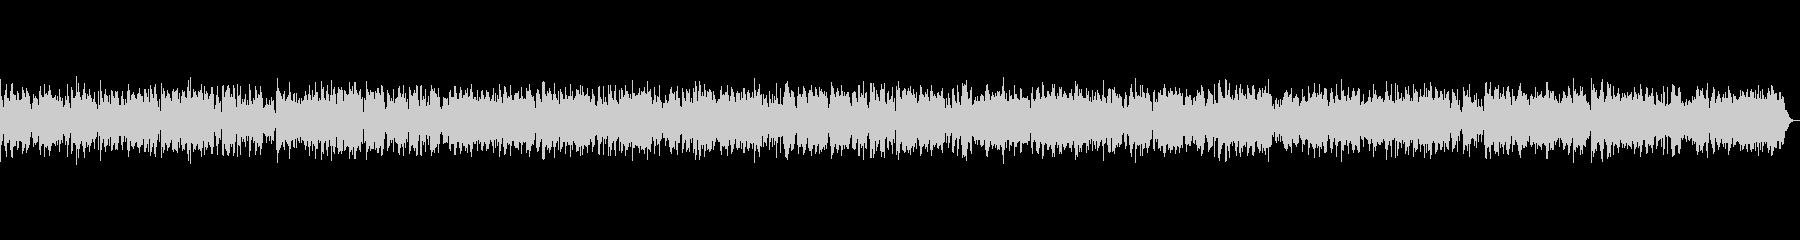 南国のリラクゼーションハワイアンバラードの未再生の波形